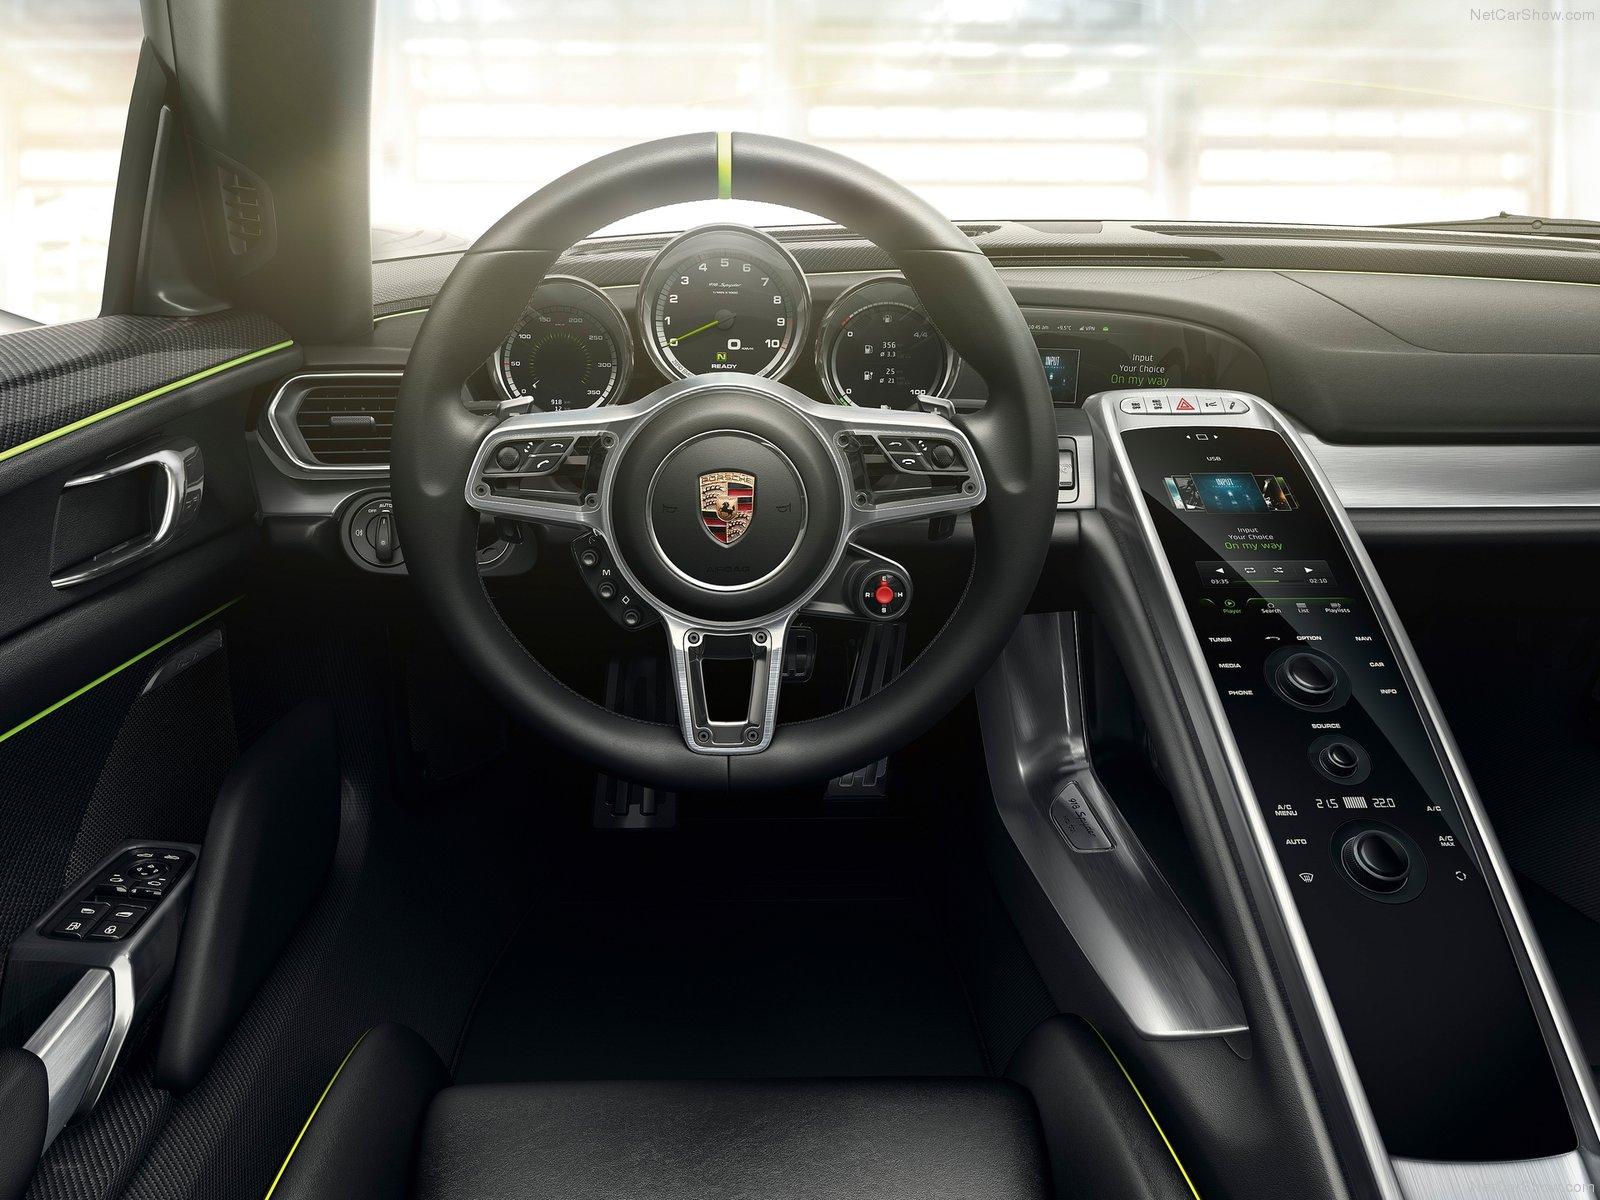 Porsche-918- 2015 Interior - Sports Car